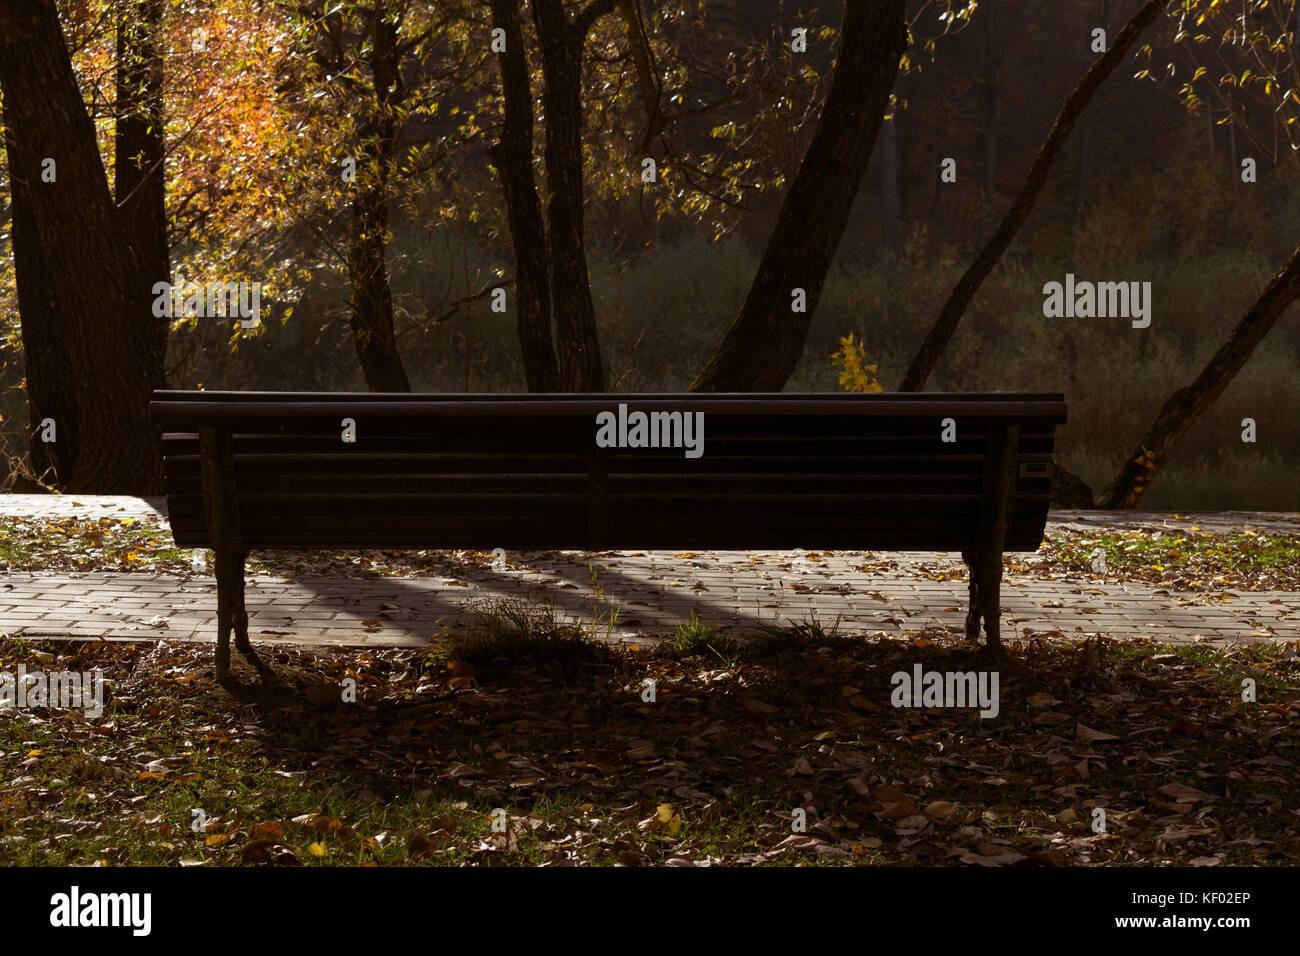 Panca di legno in un parco, centrato, la luce del mattino, autunno Immagini Stock